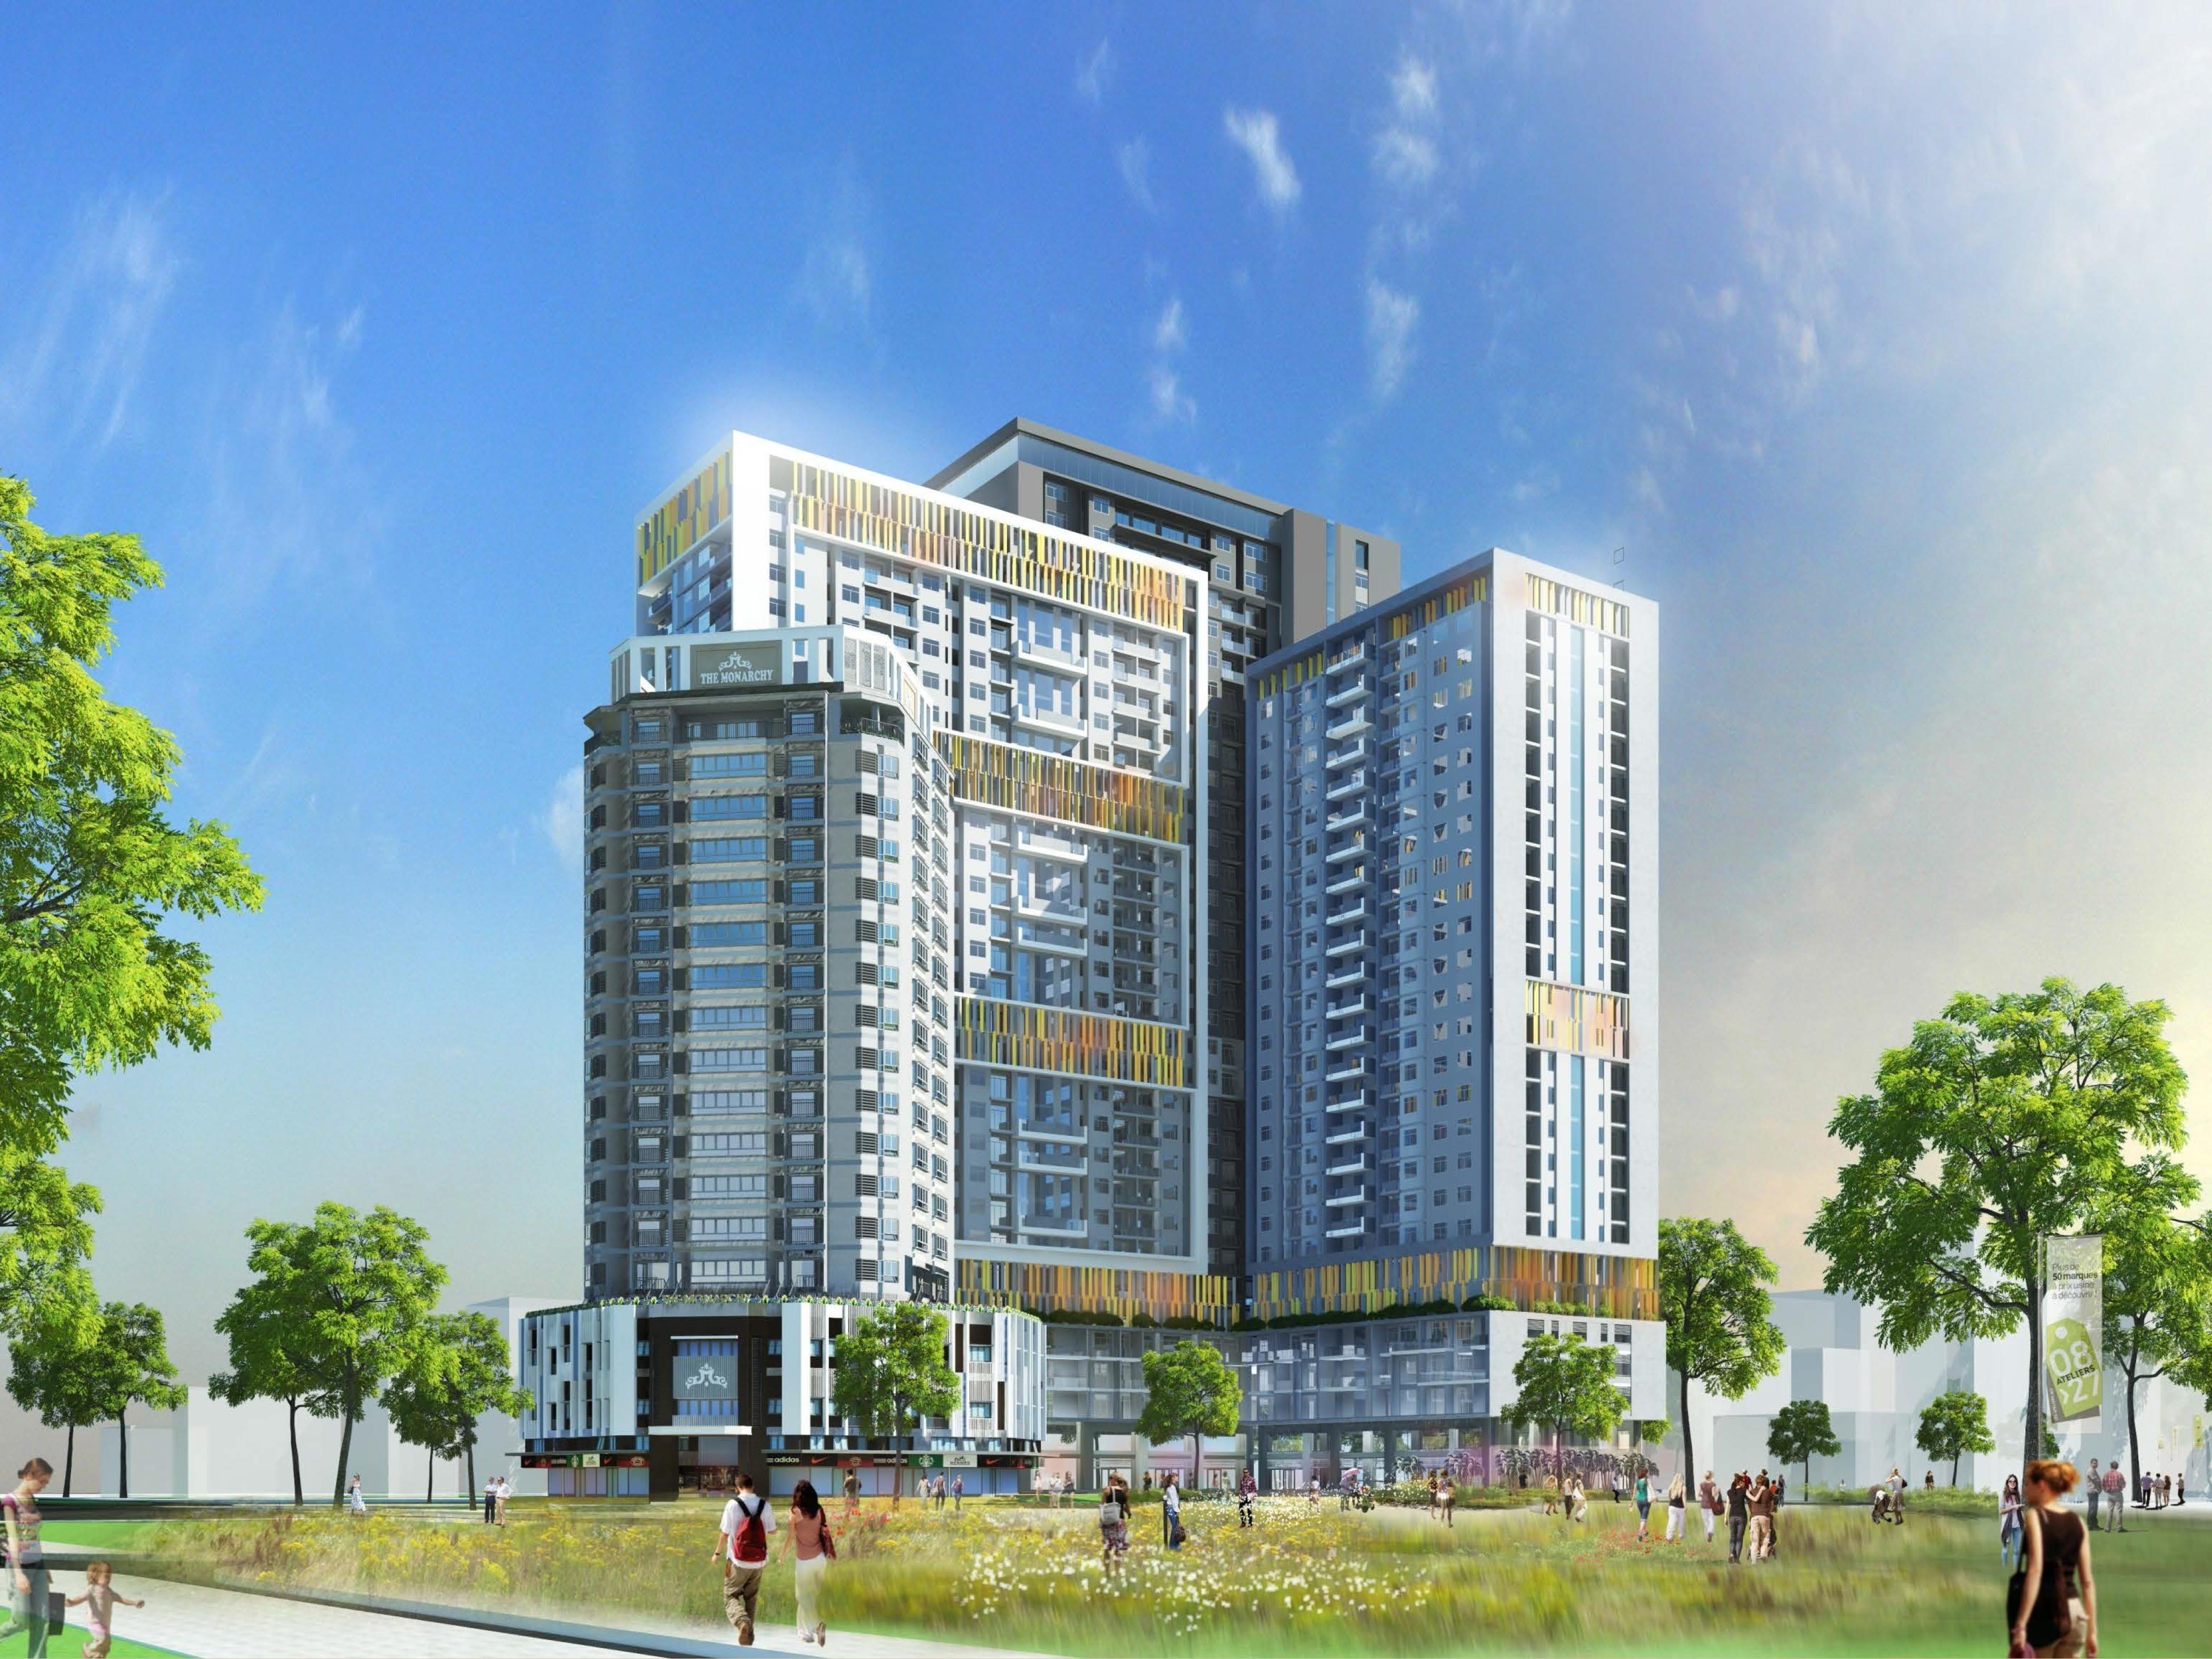 Mở bán đợt cuối căn hộ Monarchy tại Hà Nội ngày 31-3 nhận voucher lên đến 55 triệu